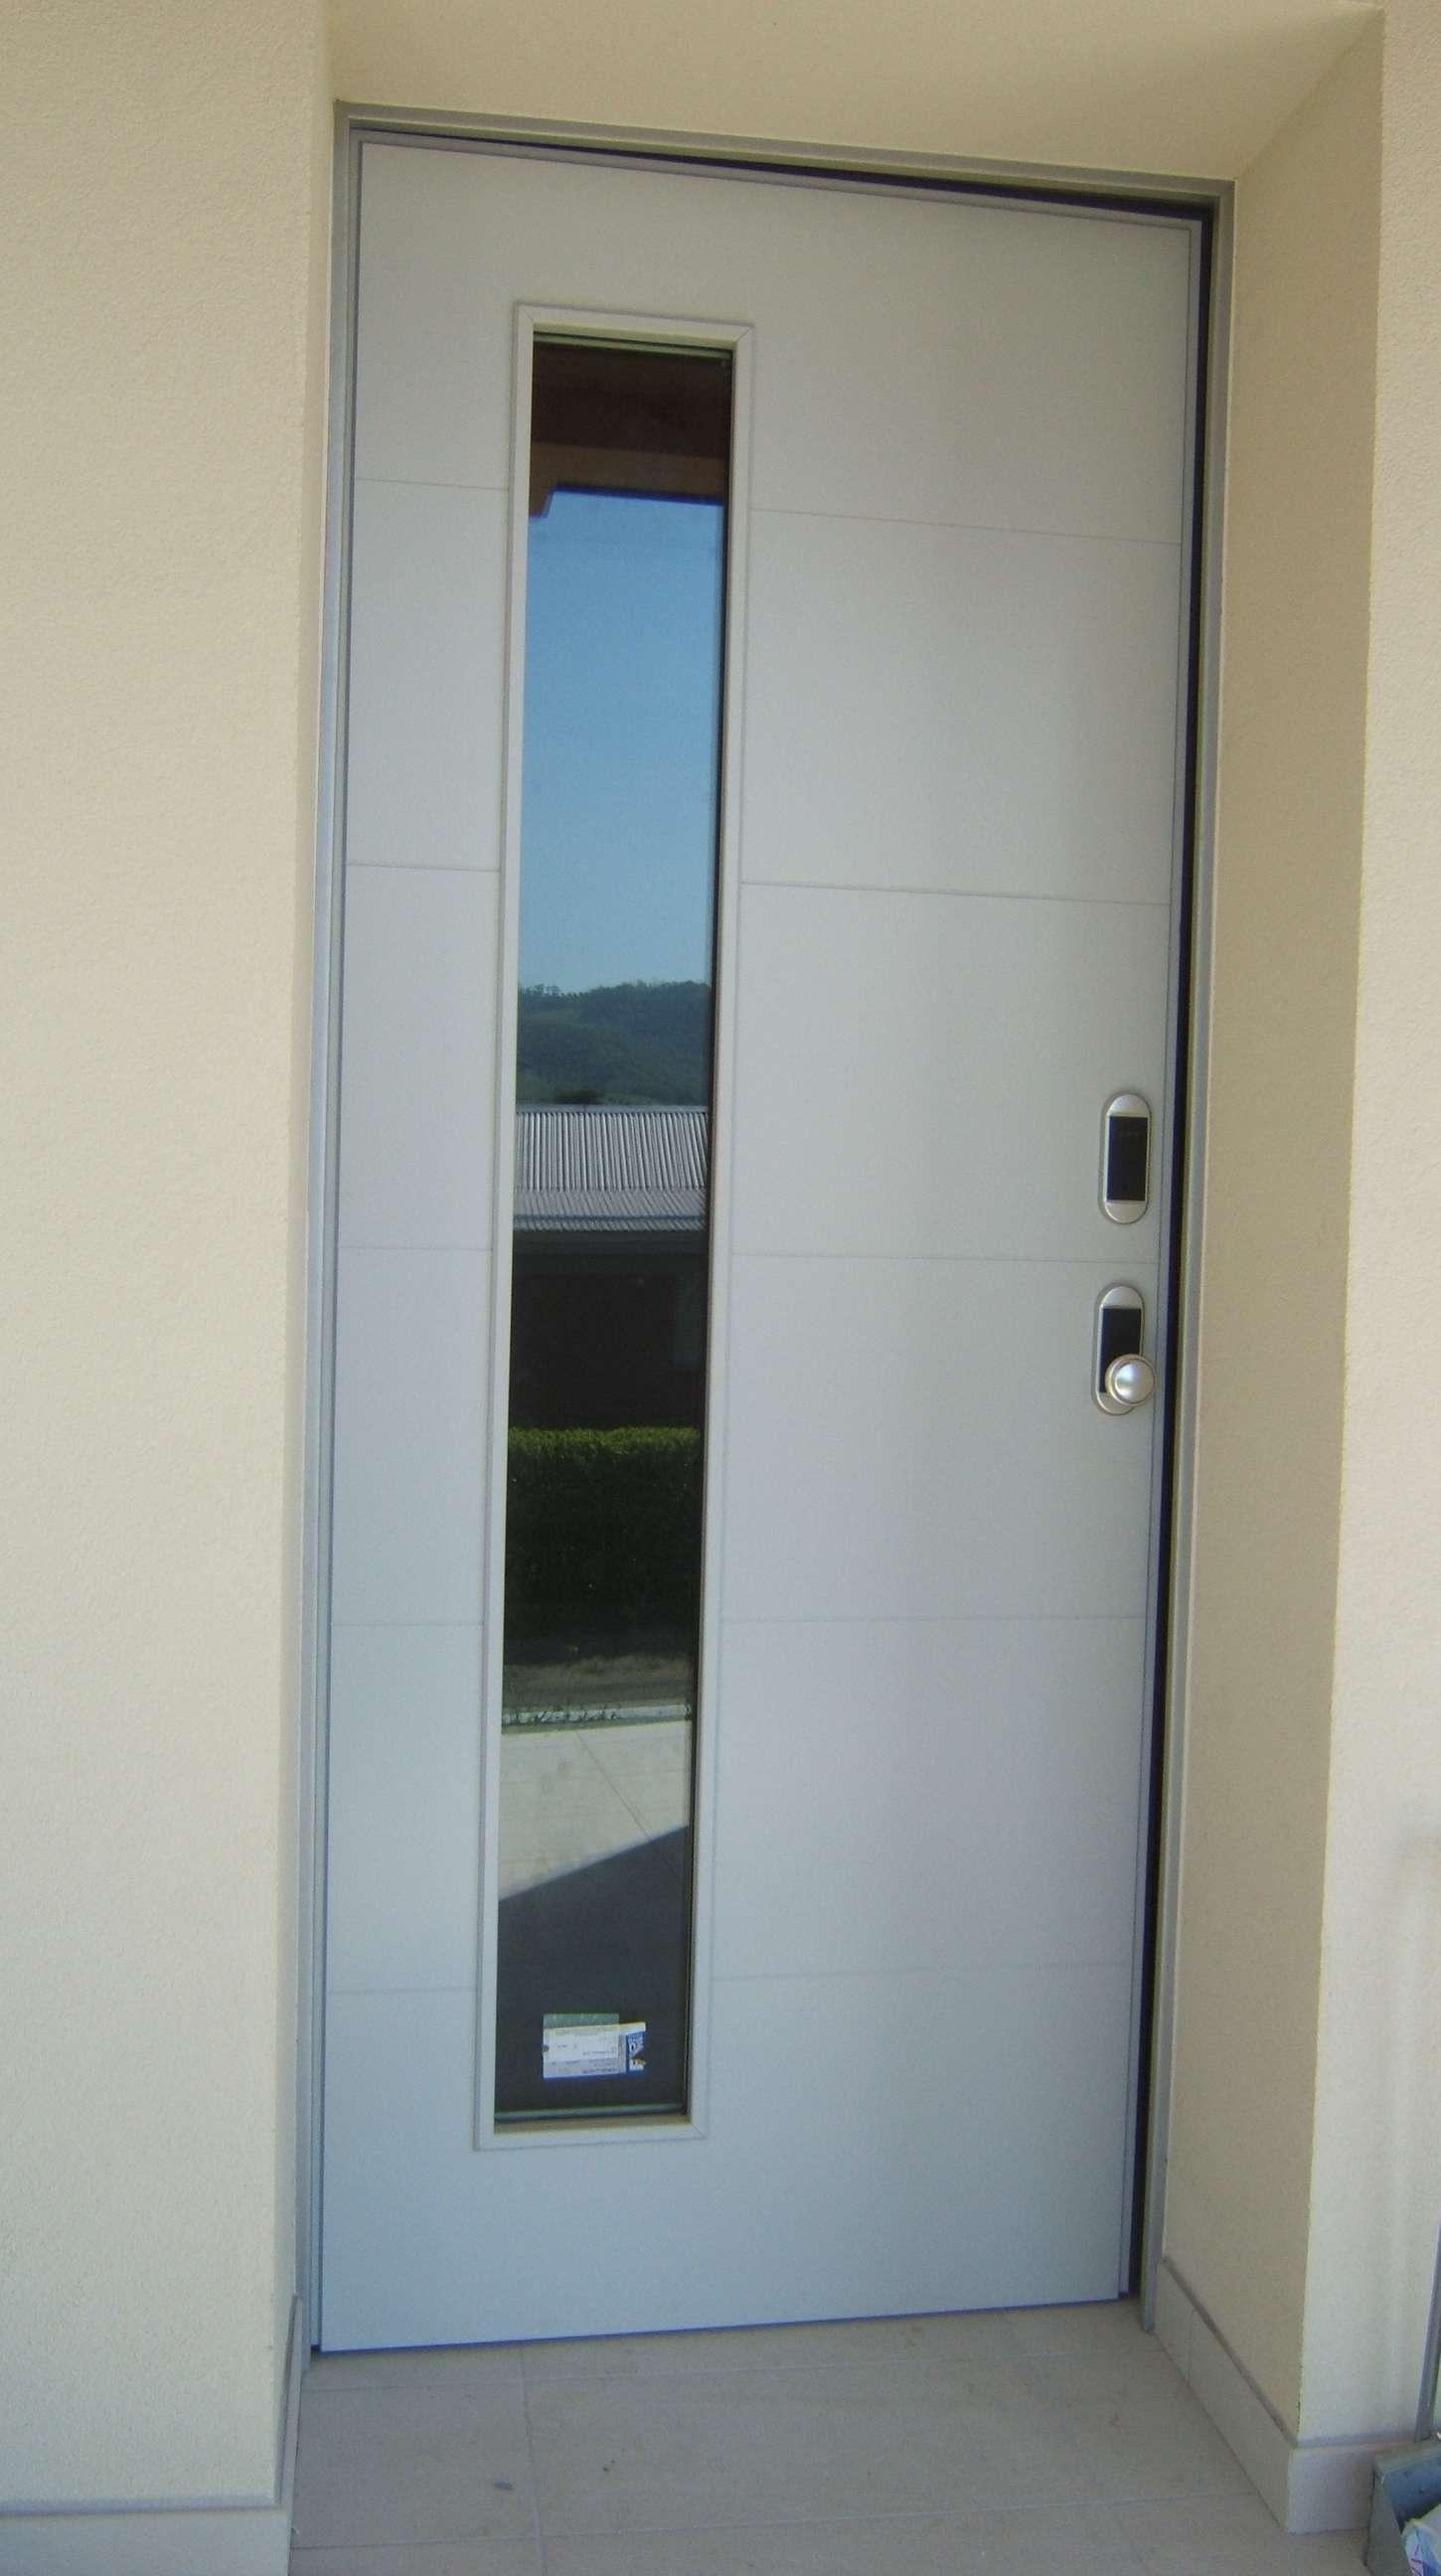 Altainfissi srl sicurezza per la casa reggio emilia - Portoncini blindati da esterno con vetro ...